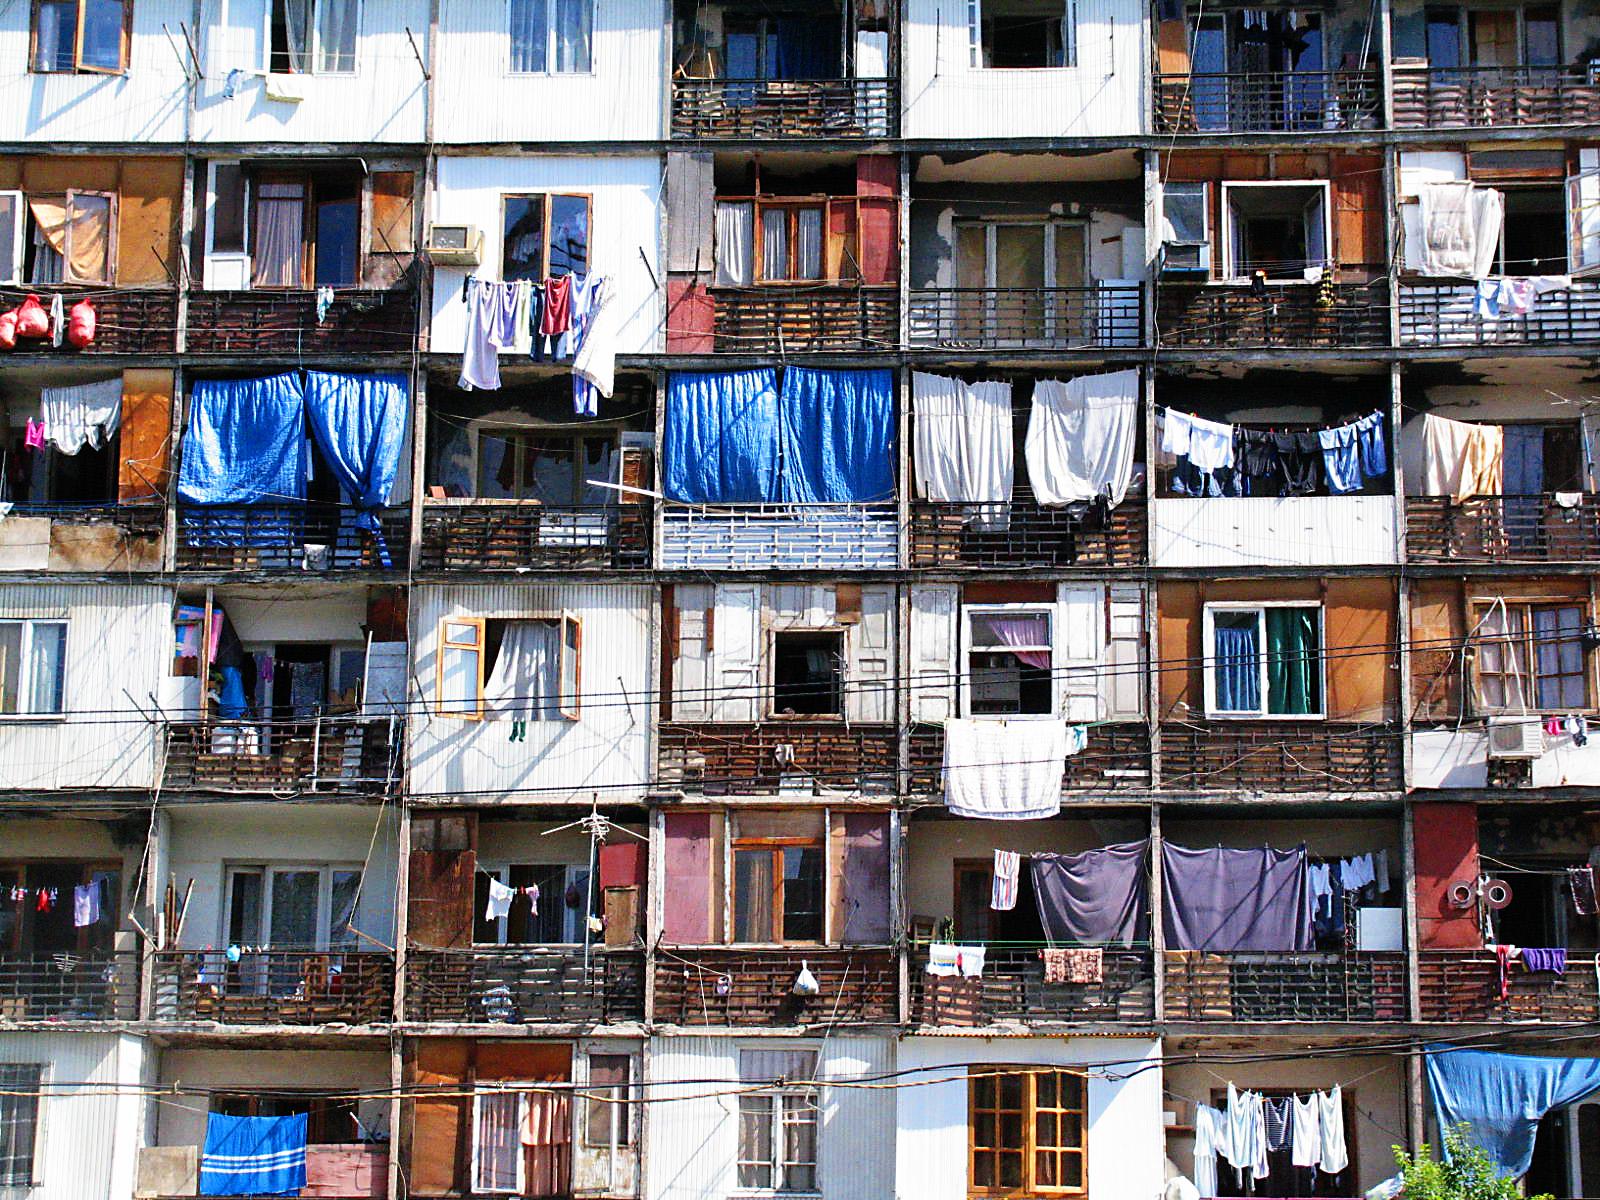 Фотография балконы в тифлисе из раздела город 4049676 - фото.